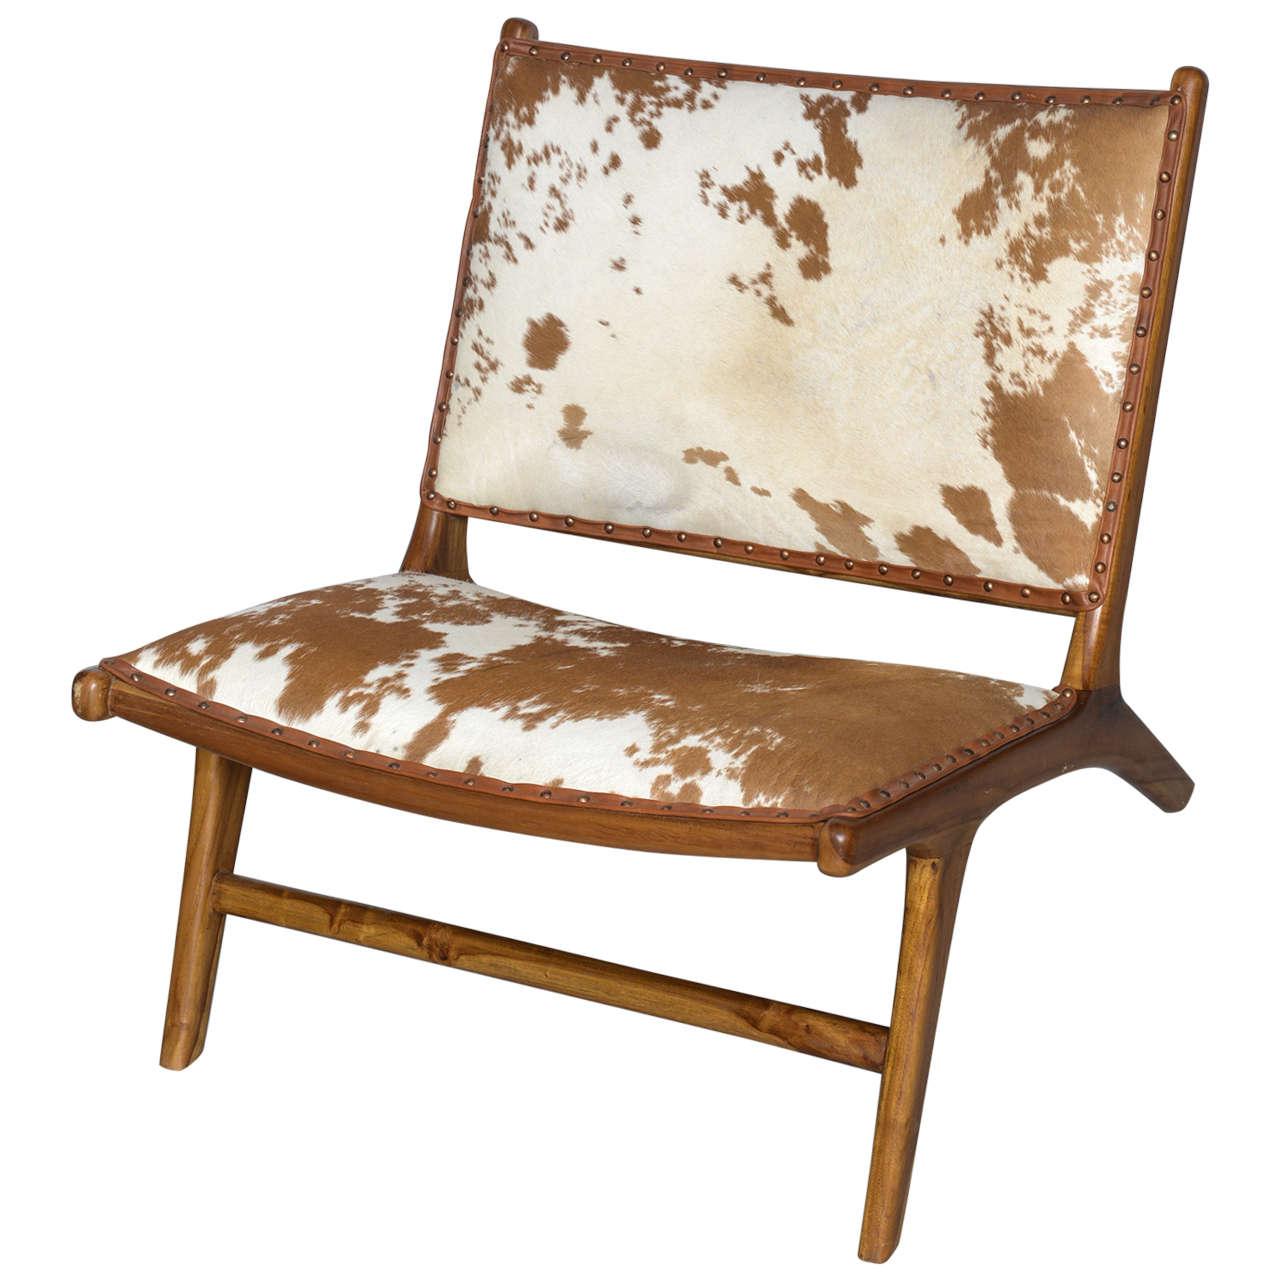 the hampton chair in handmade teak and cowhide at stdibs - the hampton chair in handmade teak and cowhide